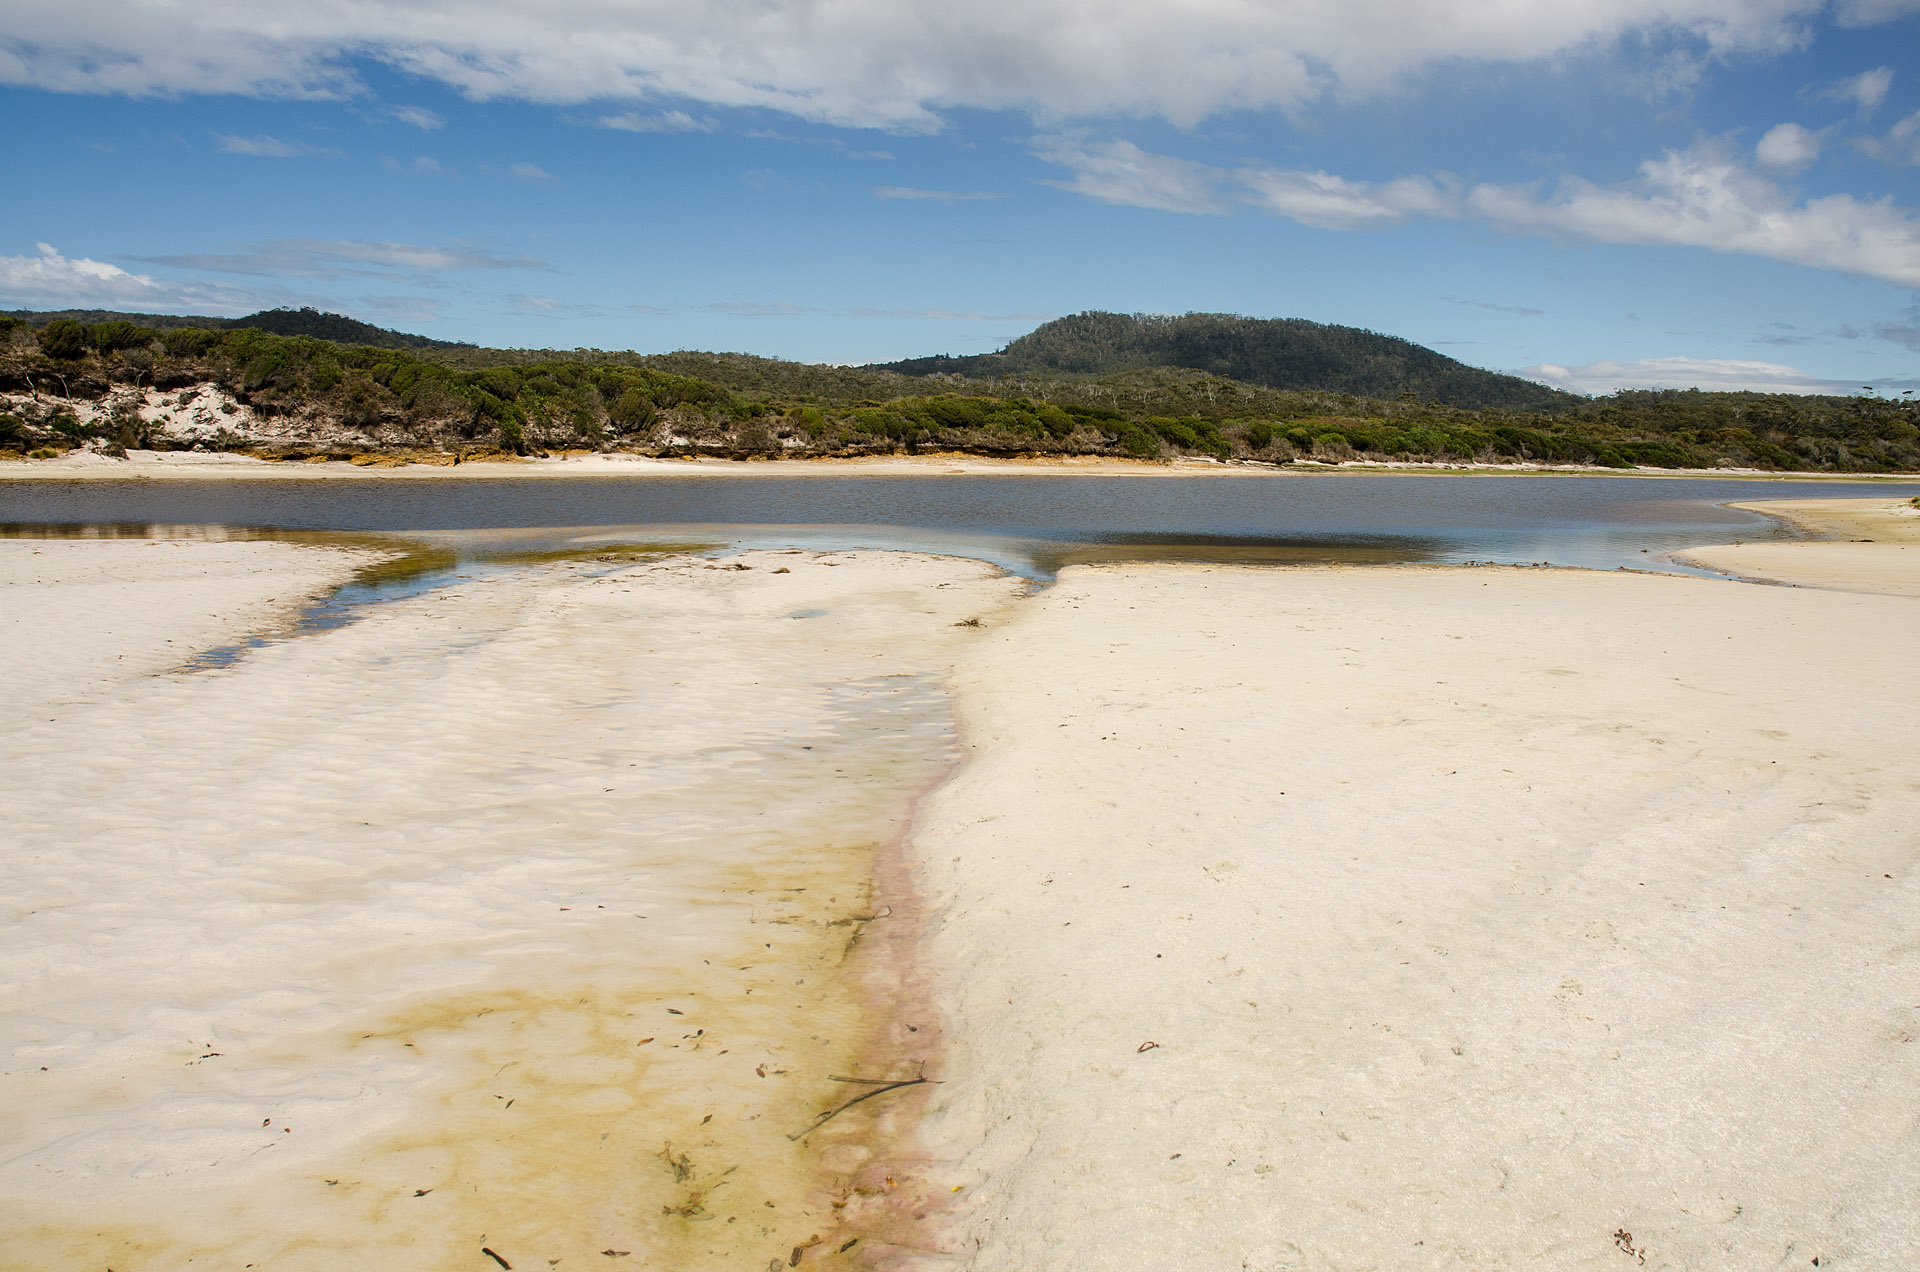 Saltwater lagoon